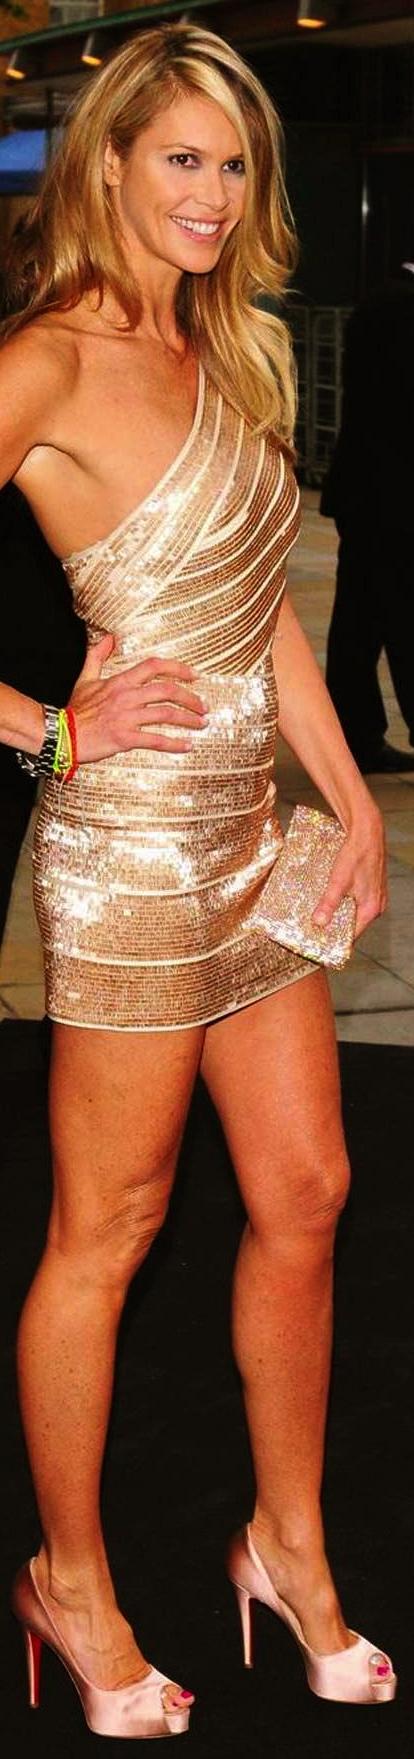 elle-macpherson-in-short-gold-dress-1661342982